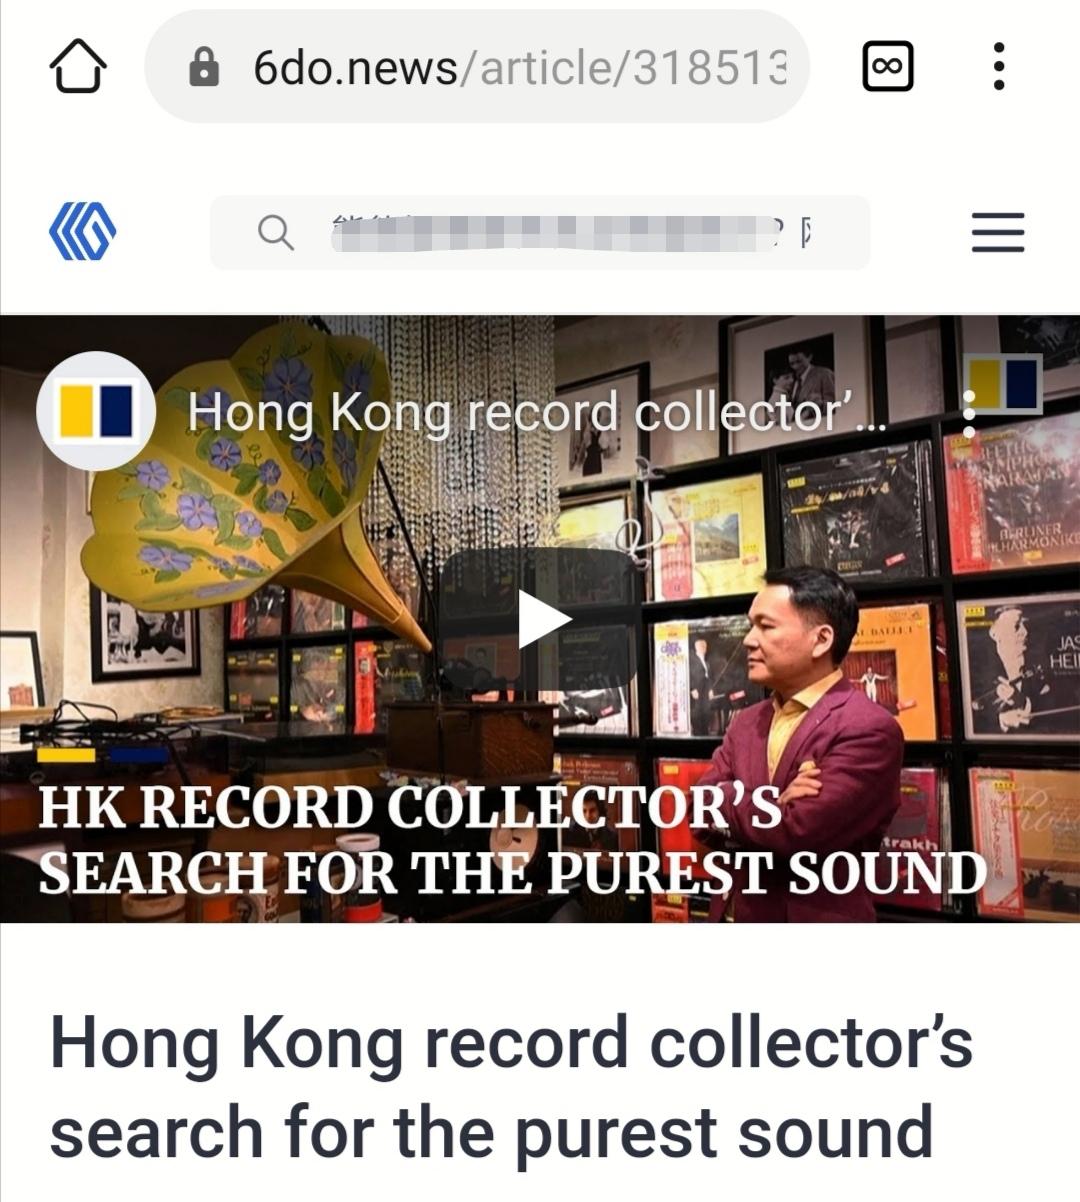 6do.news coverage